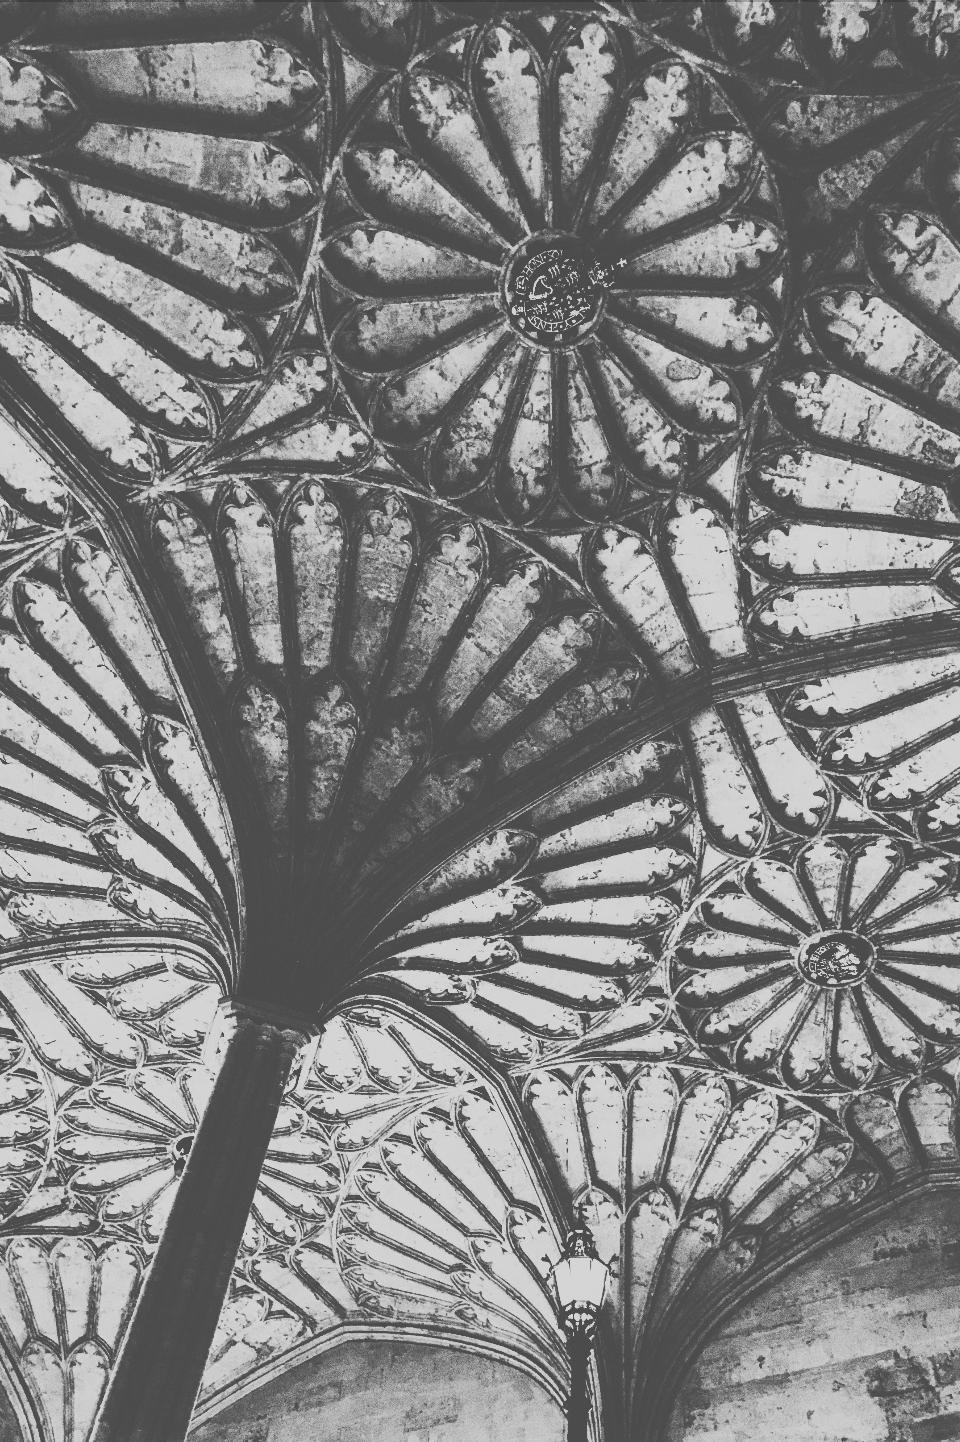 Oxford ceilings